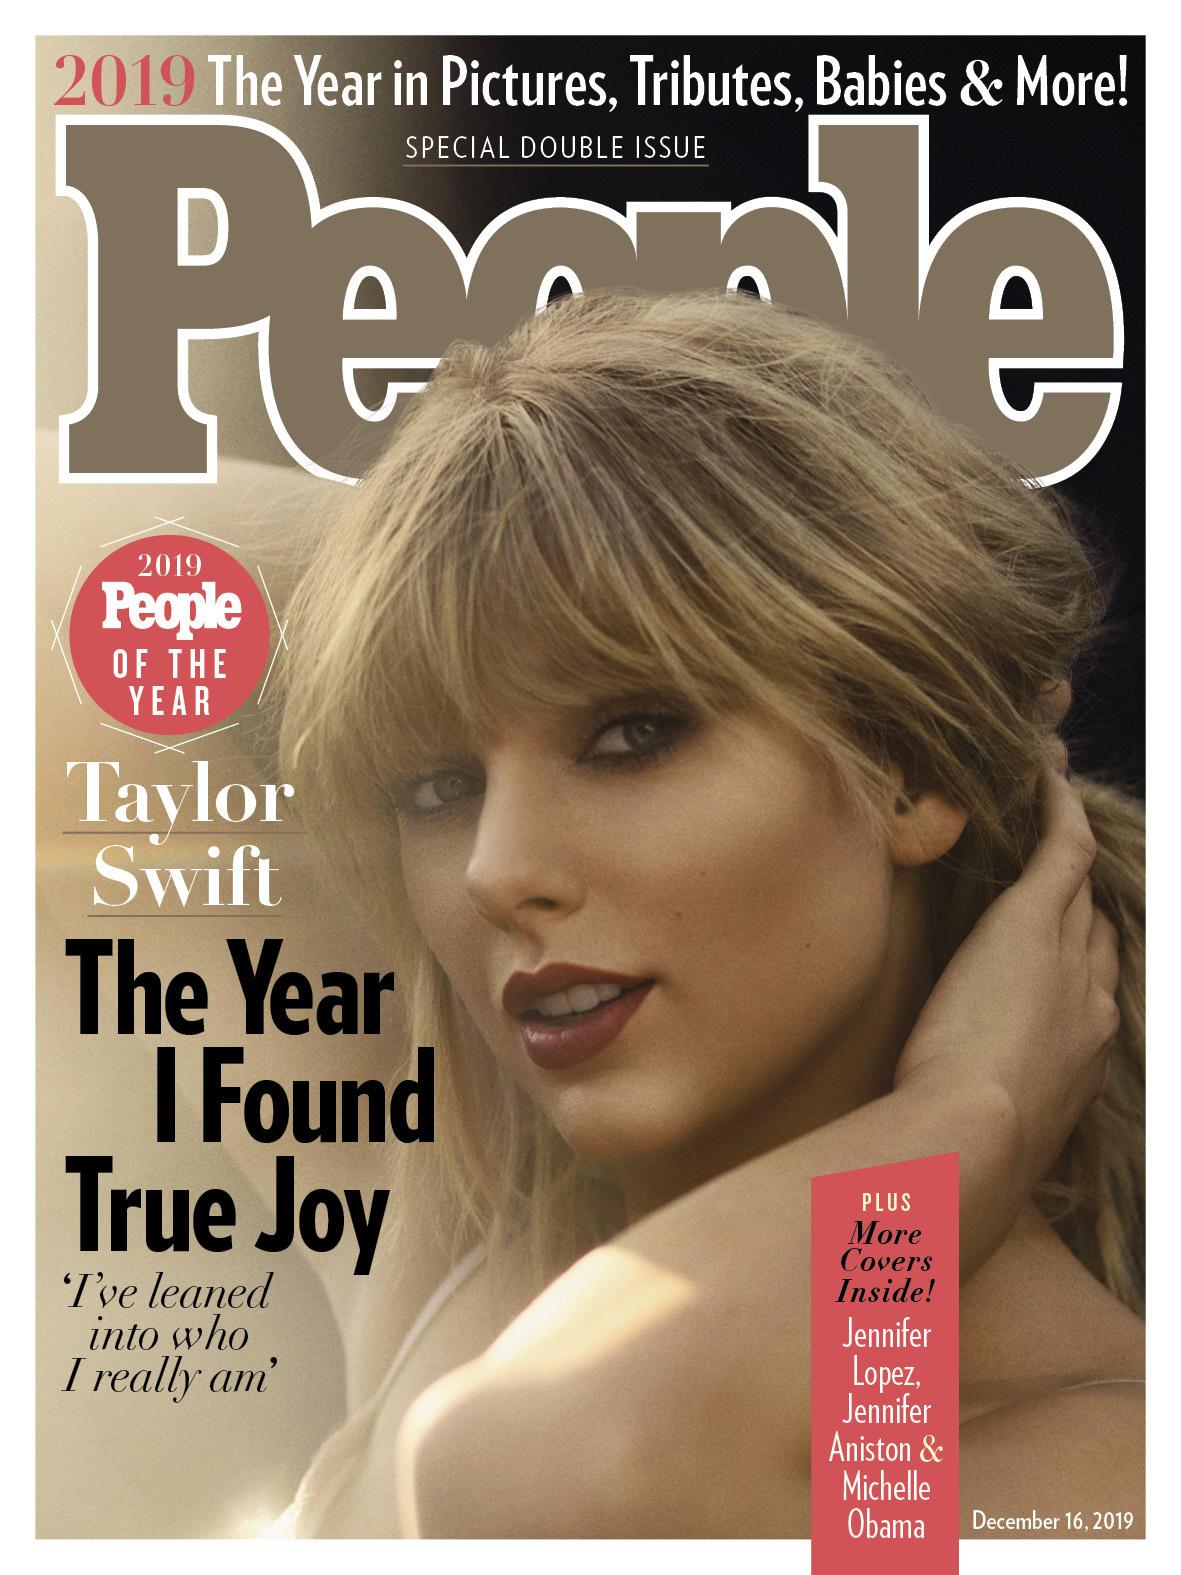 Taylor Swift, People Magazine, Brett Freedman, Celestine Agency